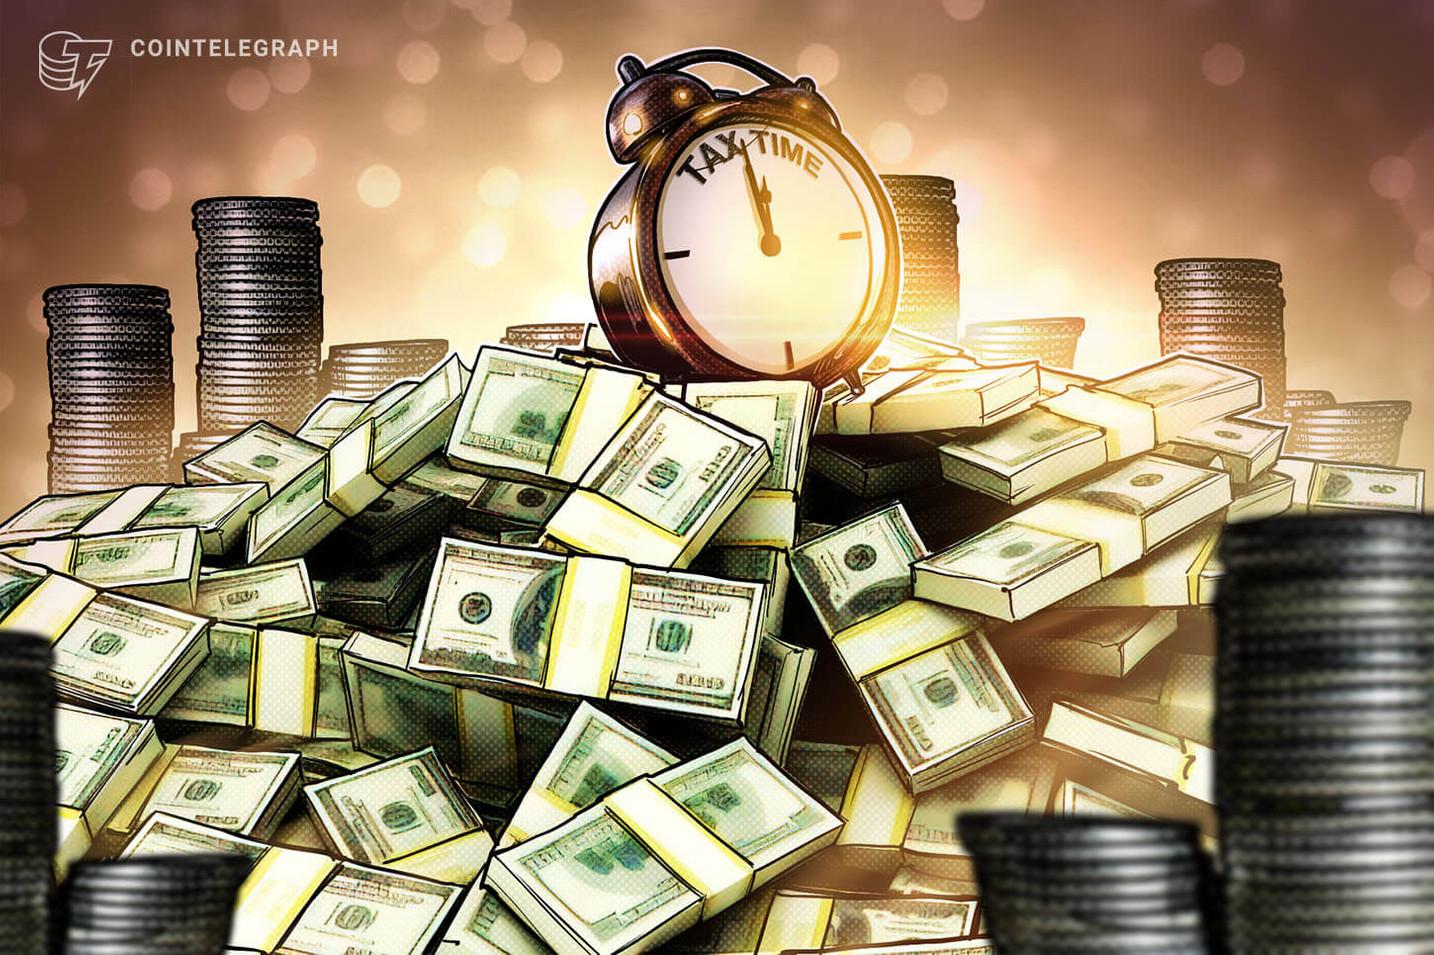 投資にかかる税金 課税方法や種類など基本を理解しよう!